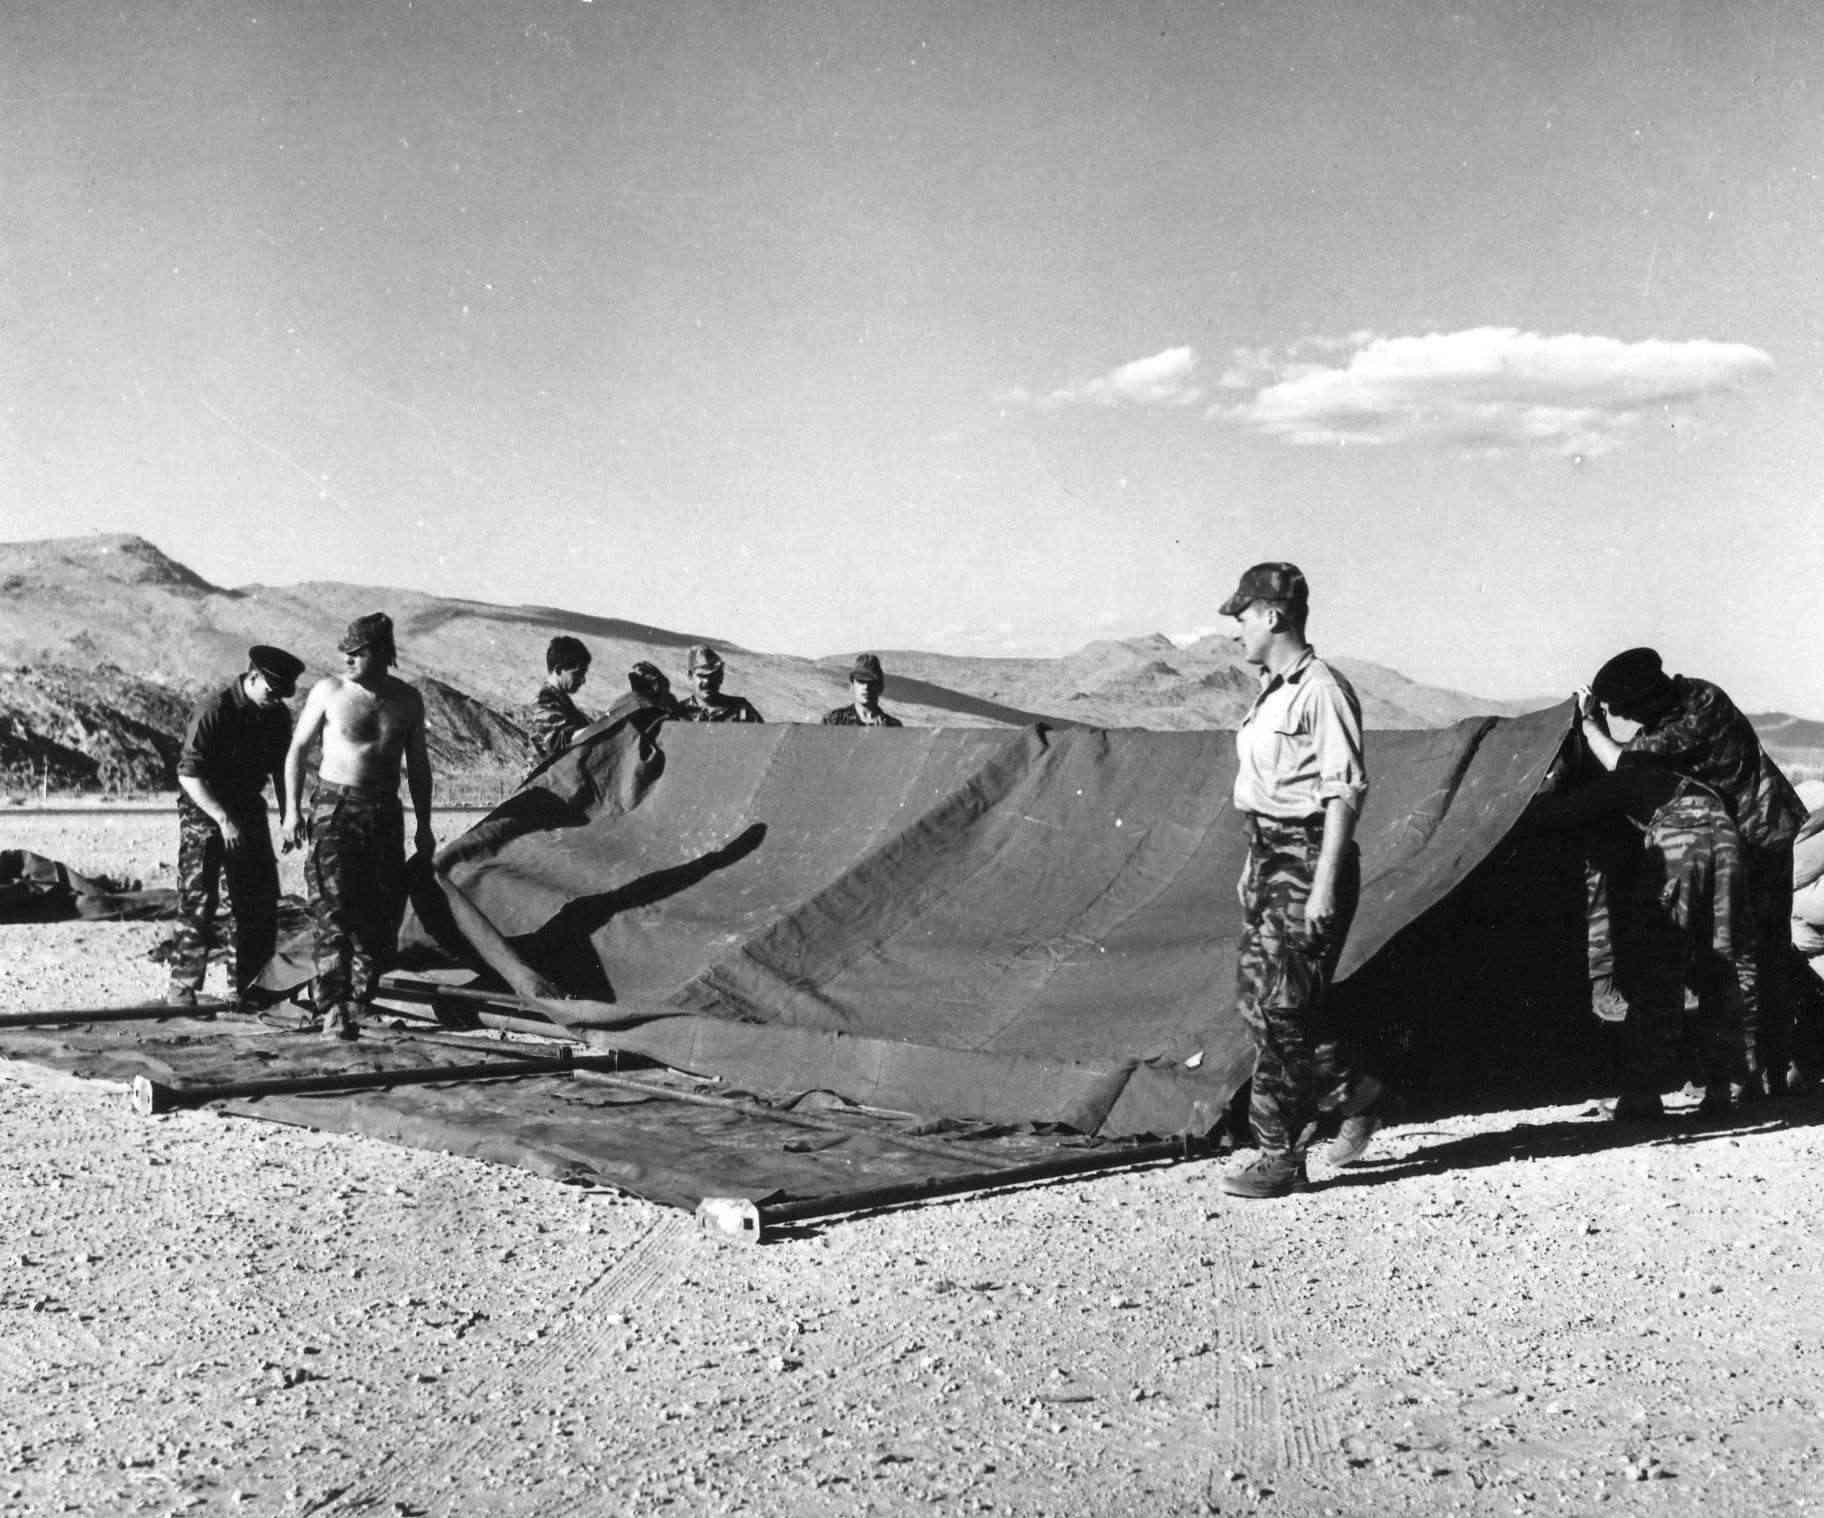 [Aéro divers] Le GHAN-1 (31F, 32F et 33F) en Algérie... - Page 8 Montag10